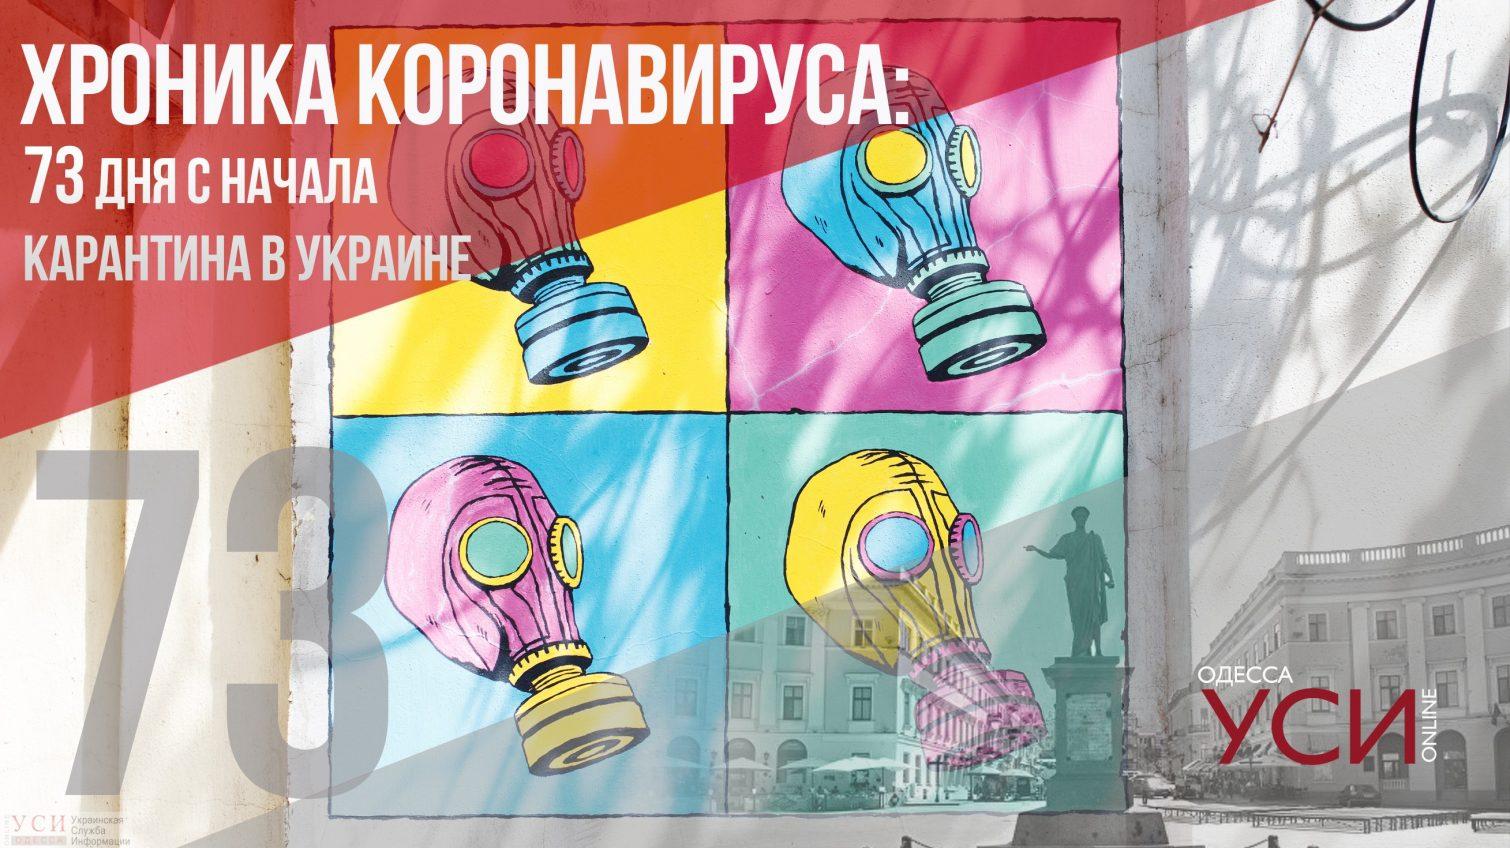 Хроника коронавируса: 73 день карантина в Украине ОБНОВЛЯЕТСЯ «фото»